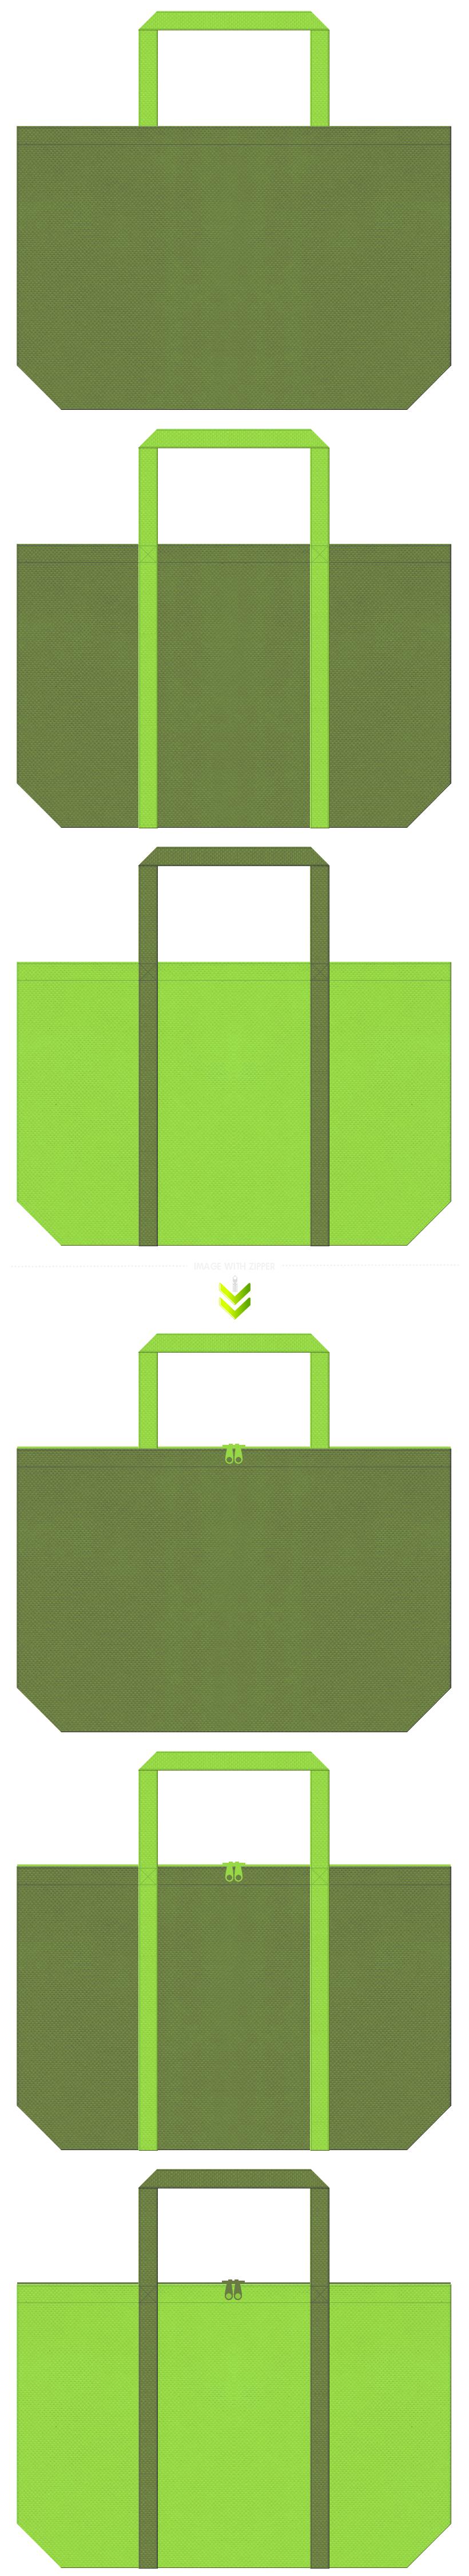 草色と黄緑色の不織布エコバッグのデザイン。お茶・青汁の販促ノベルティや造園用品の展示会用バッグにお奨めです。